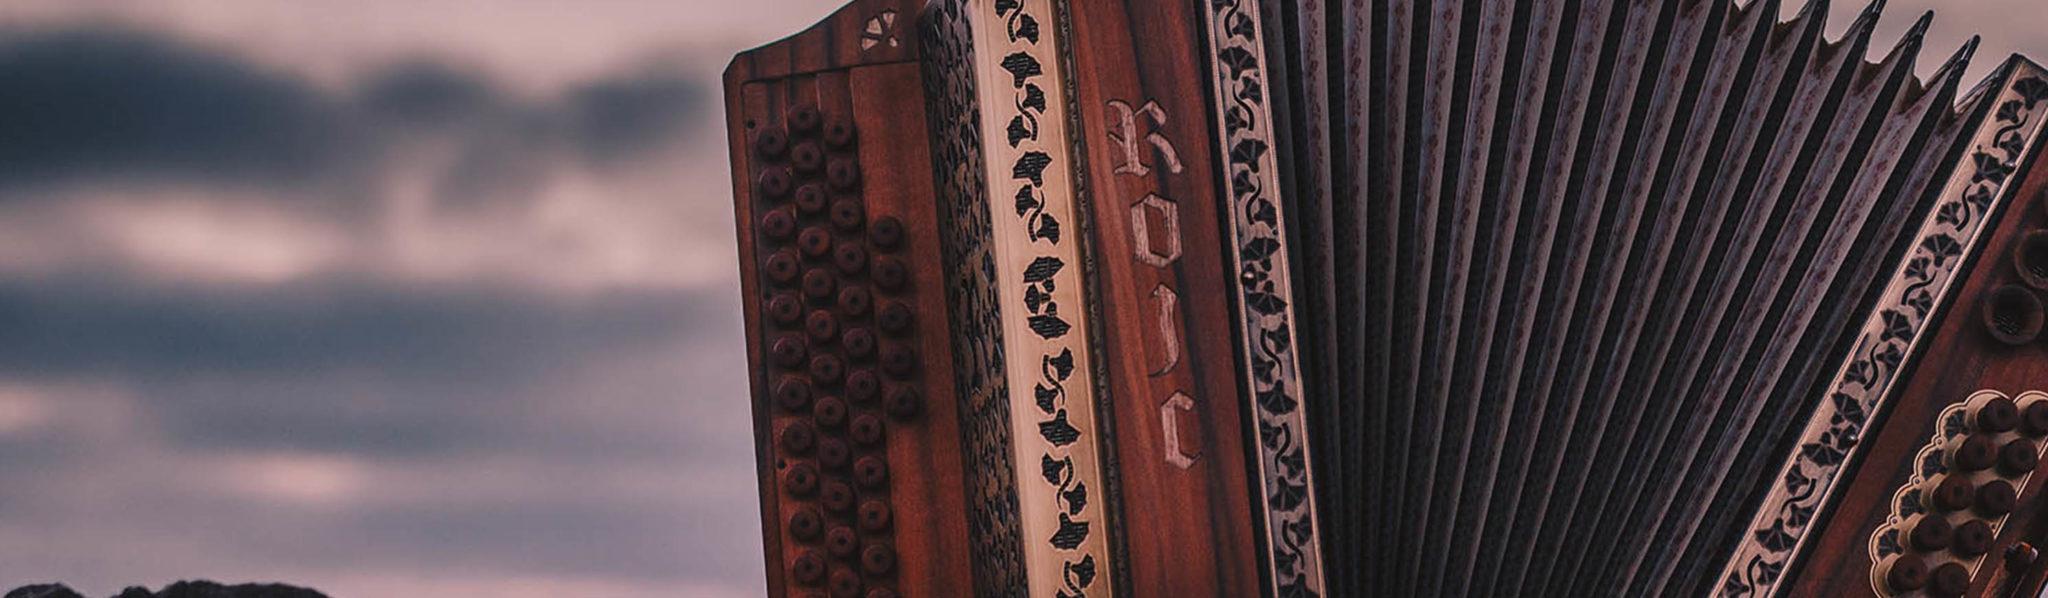 Galerija_banner